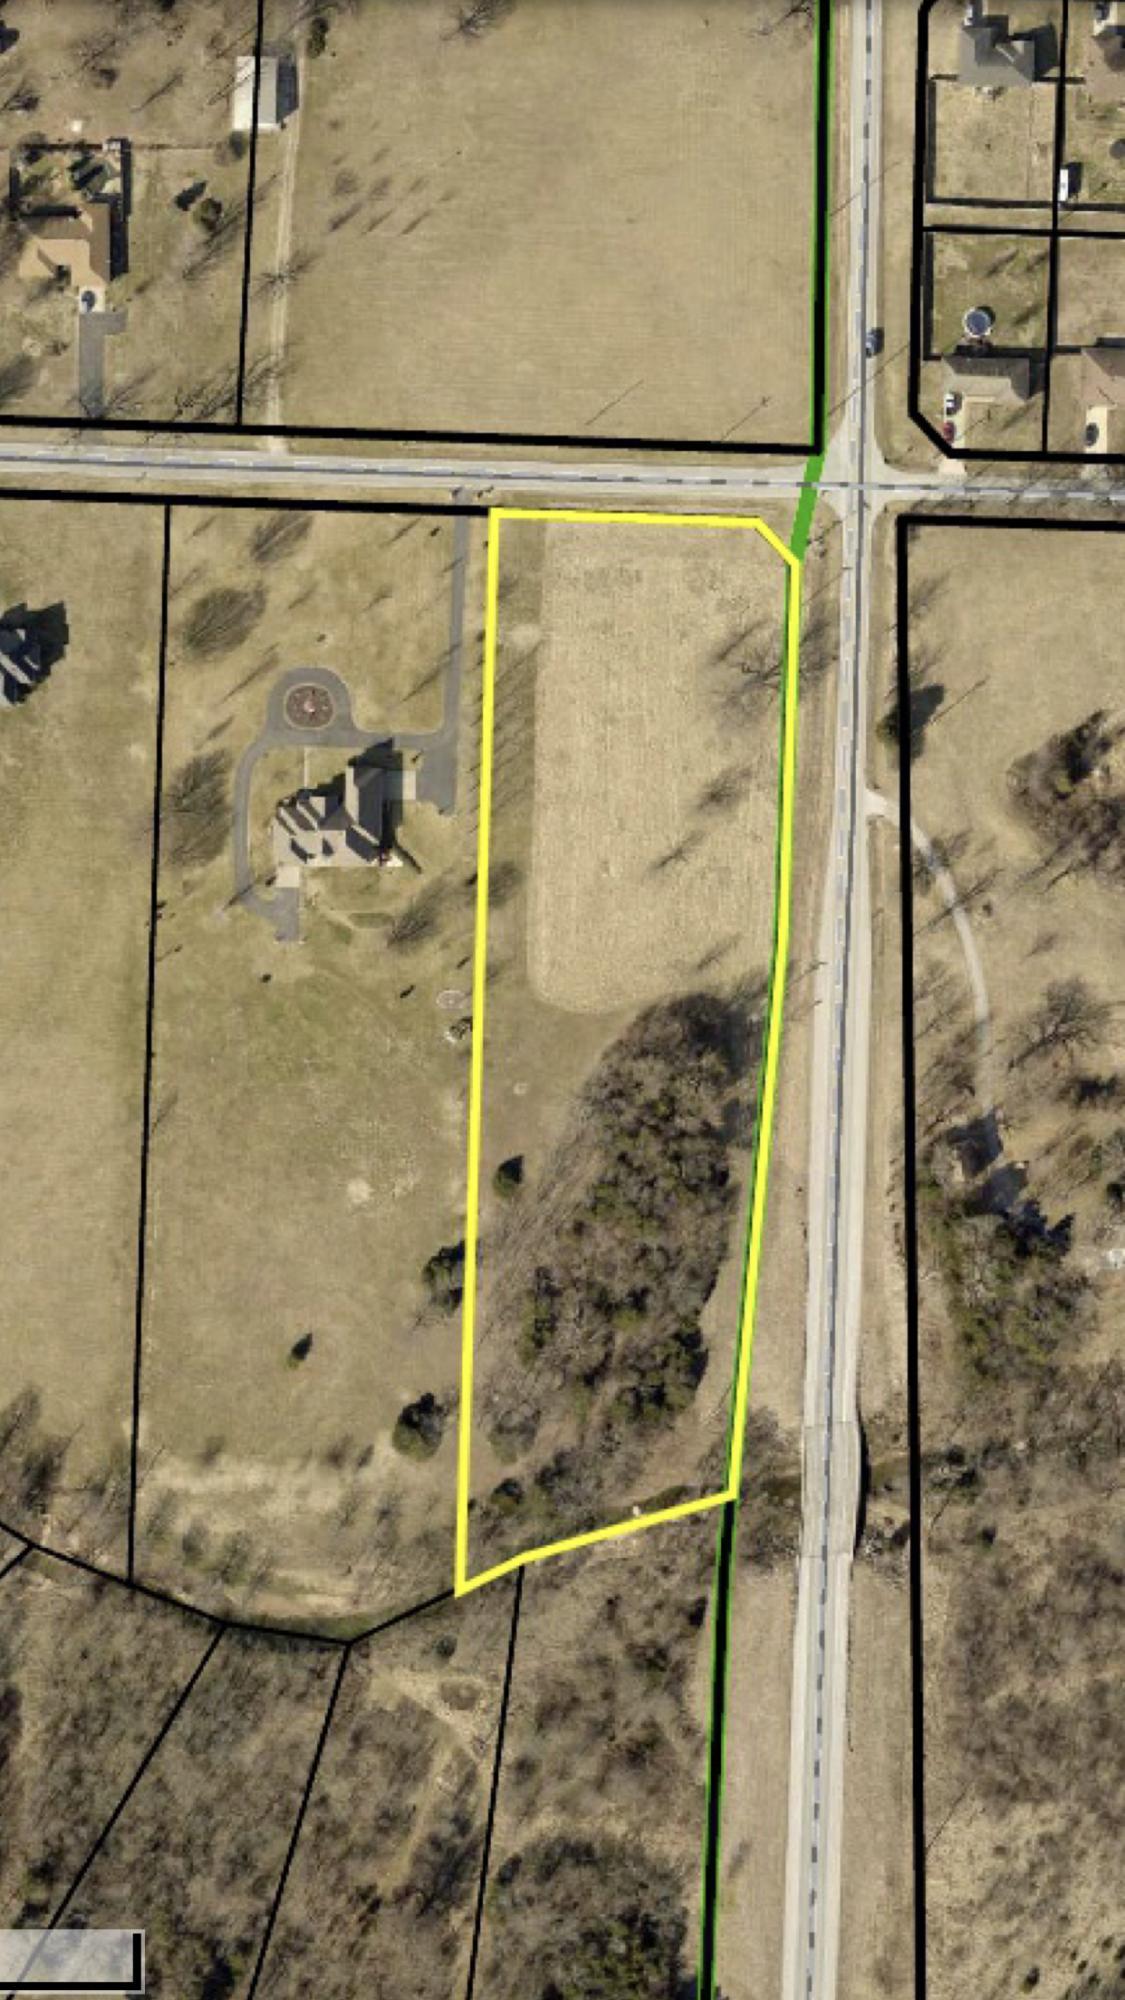 7324 West Farm Rd 88 Willard, MO 65781